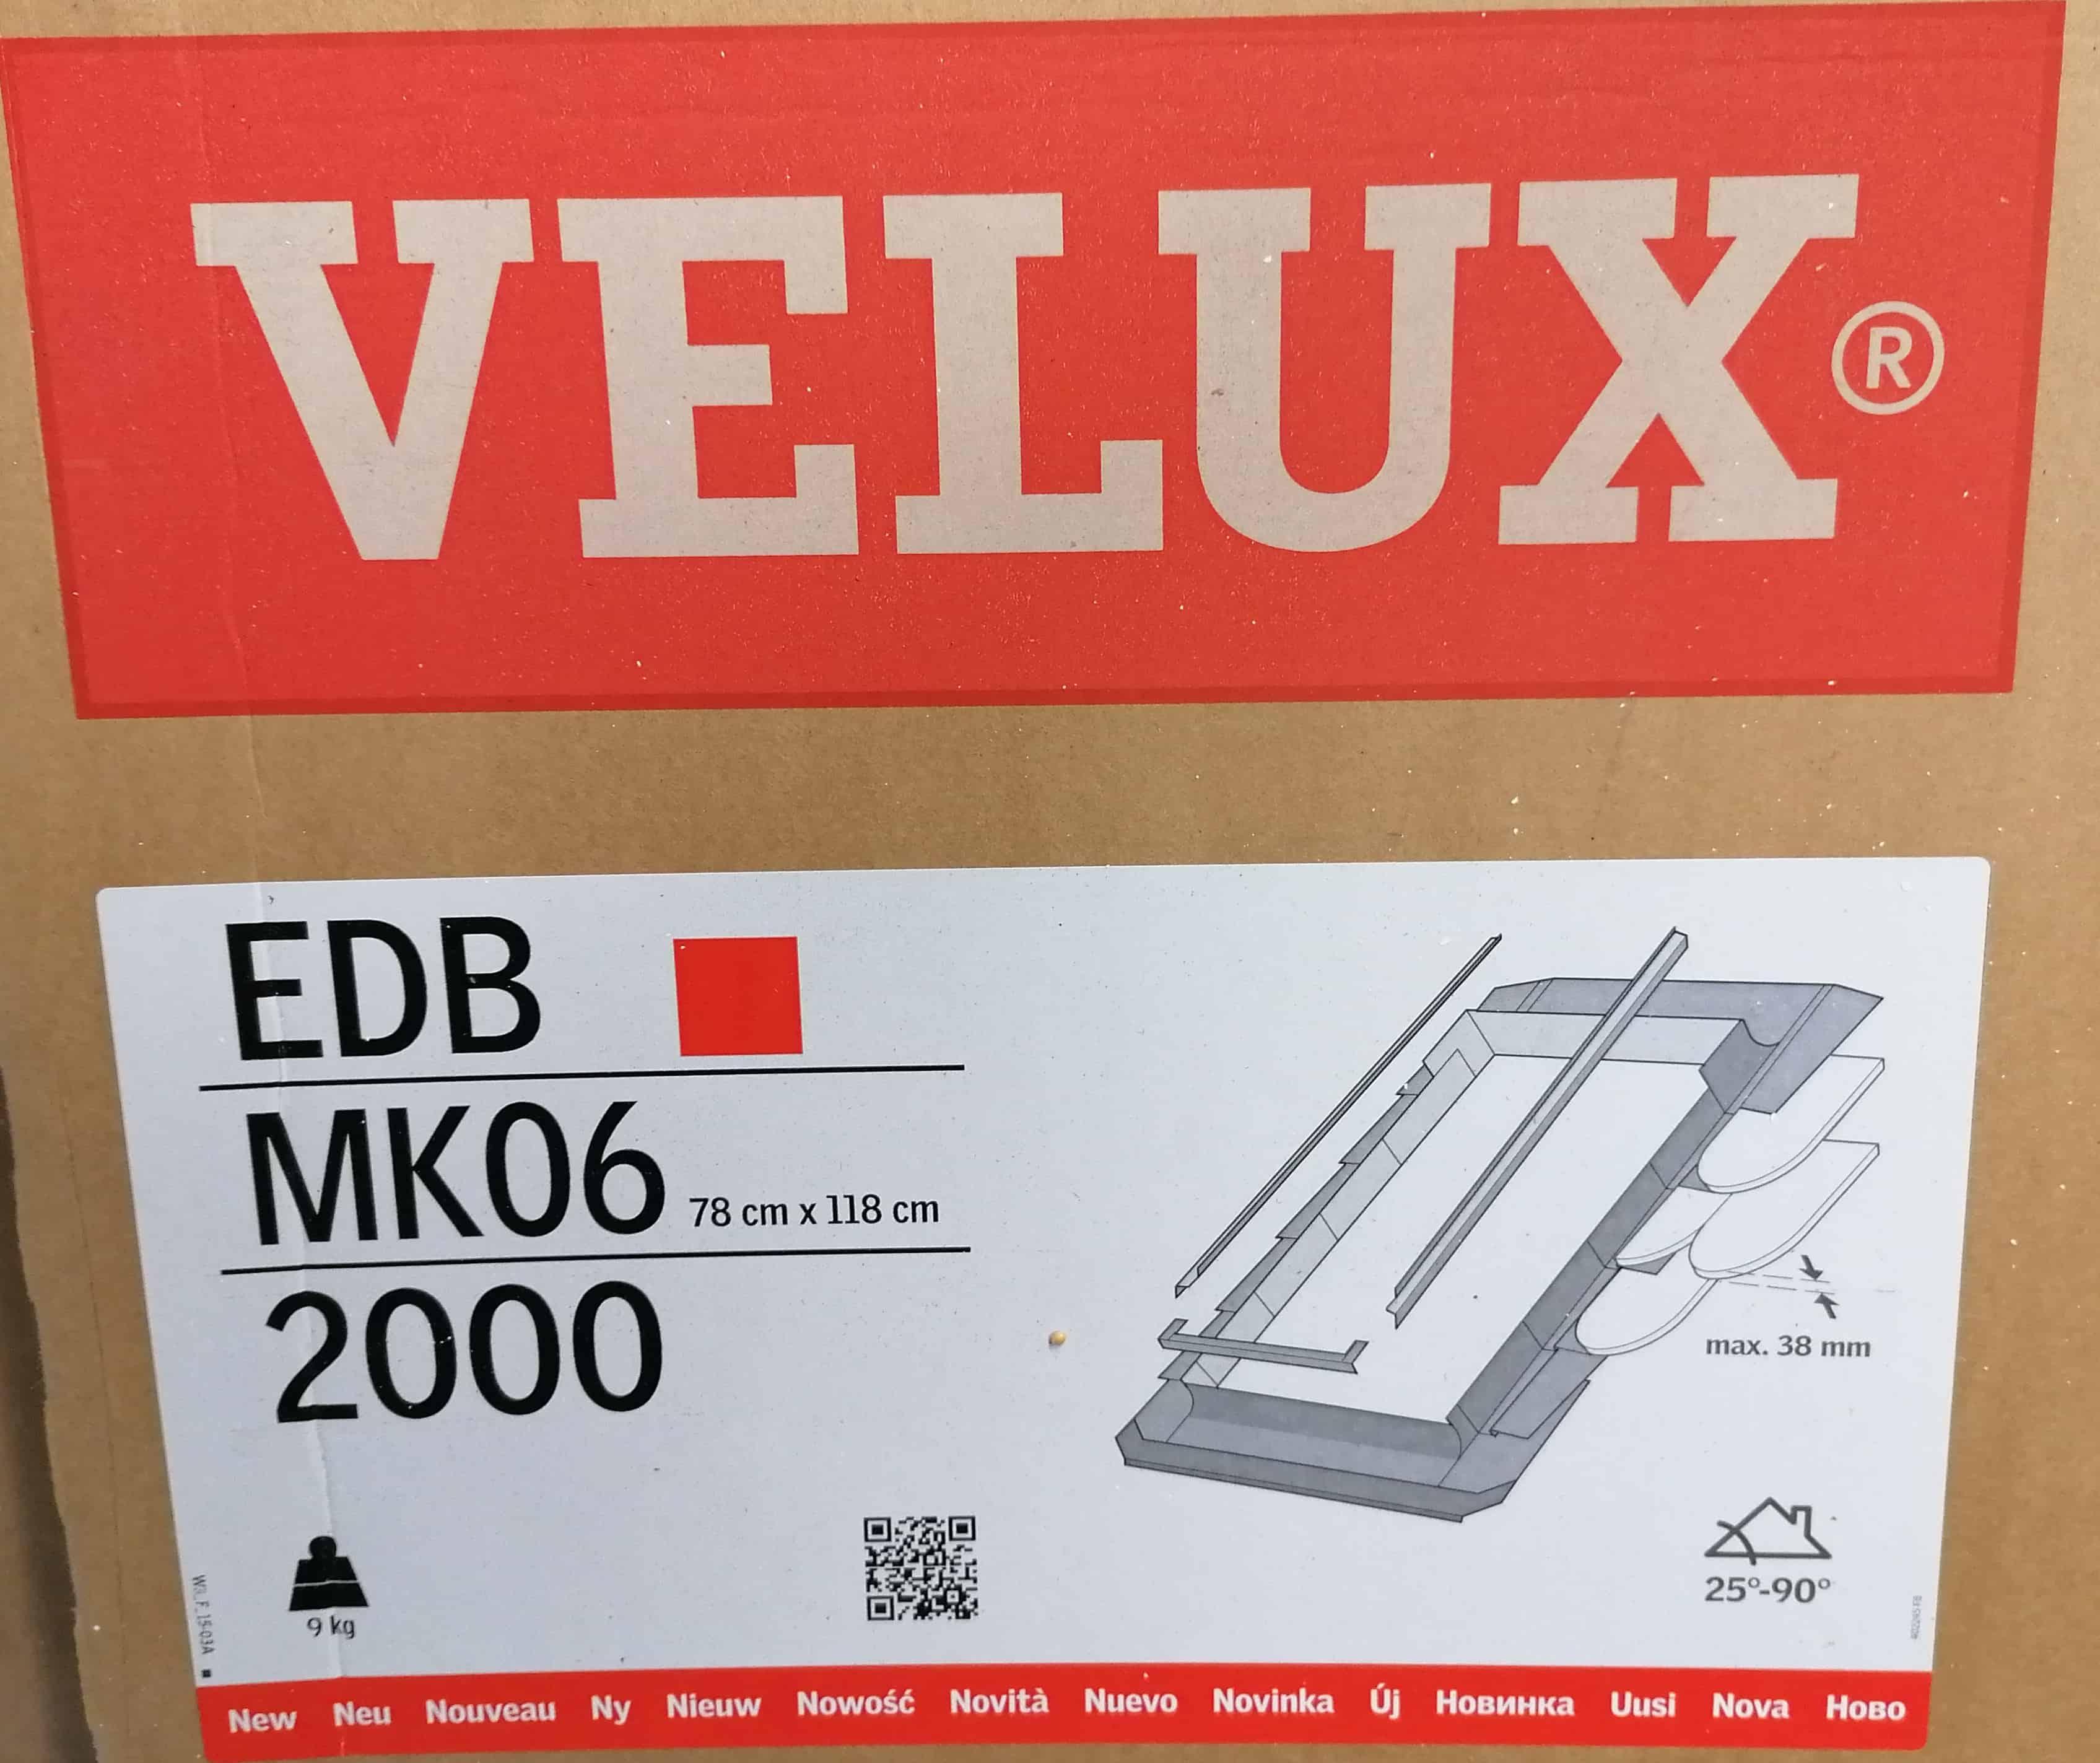 Velux EDB MK06 2000 Eindeckrahmen Biber, inkl. BDX, ALU 78 x 118cm